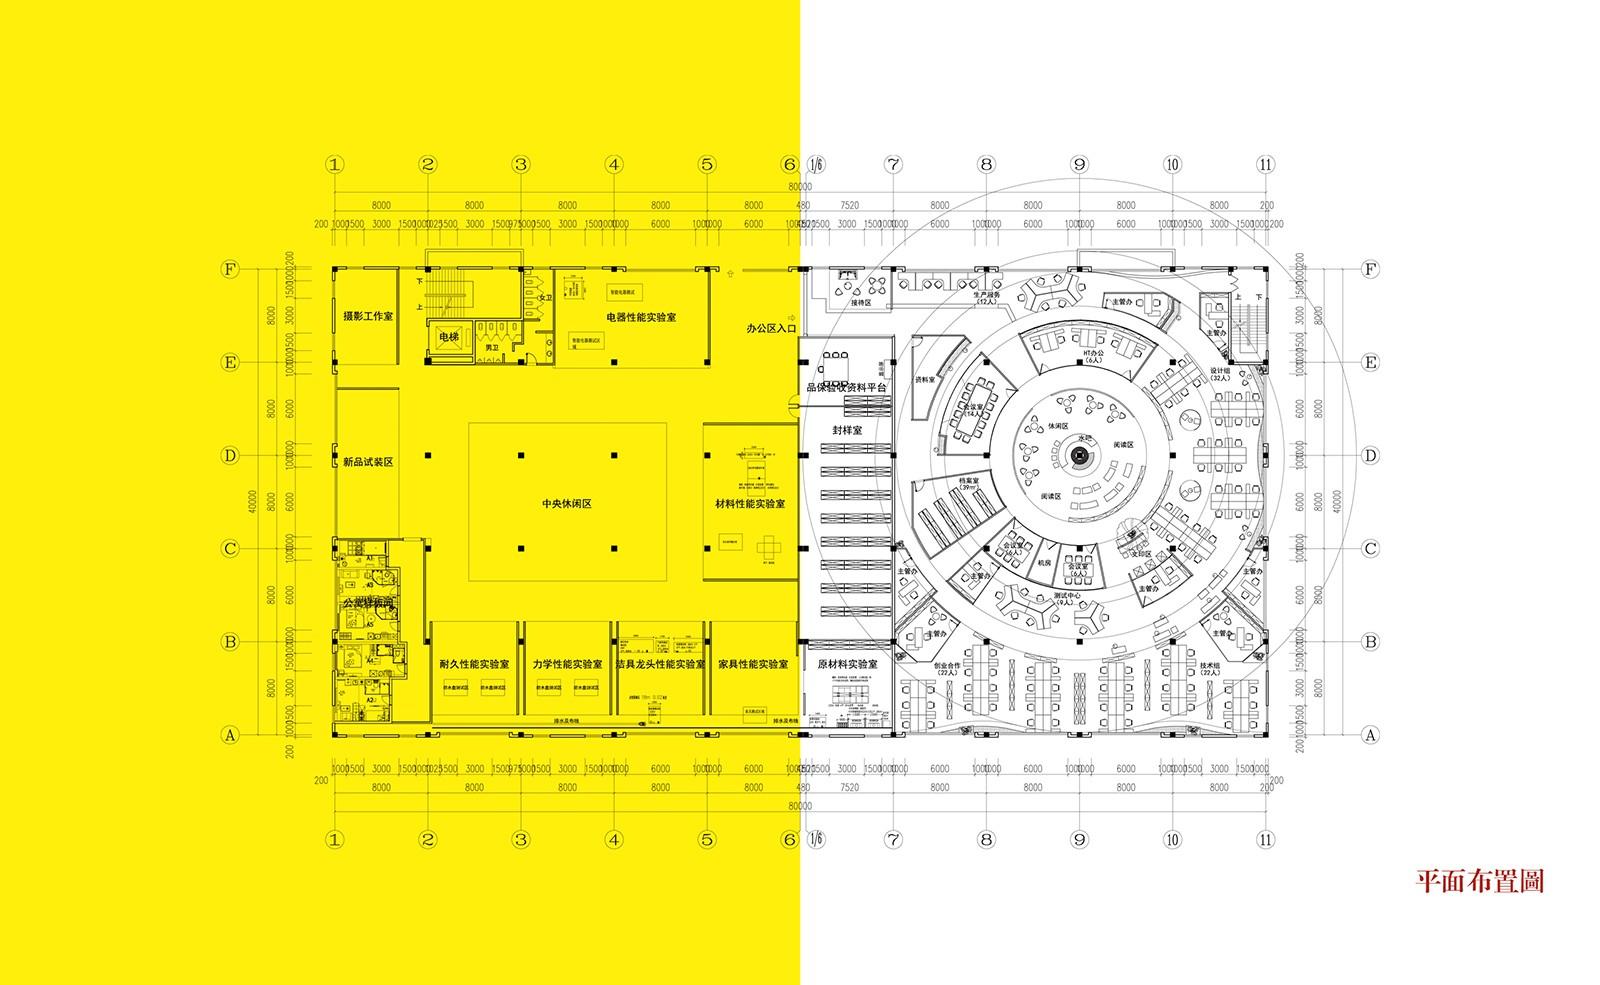 专业的空间设计_苏州建筑图纸、模型设计-苏州禾松品牌管理有限公司